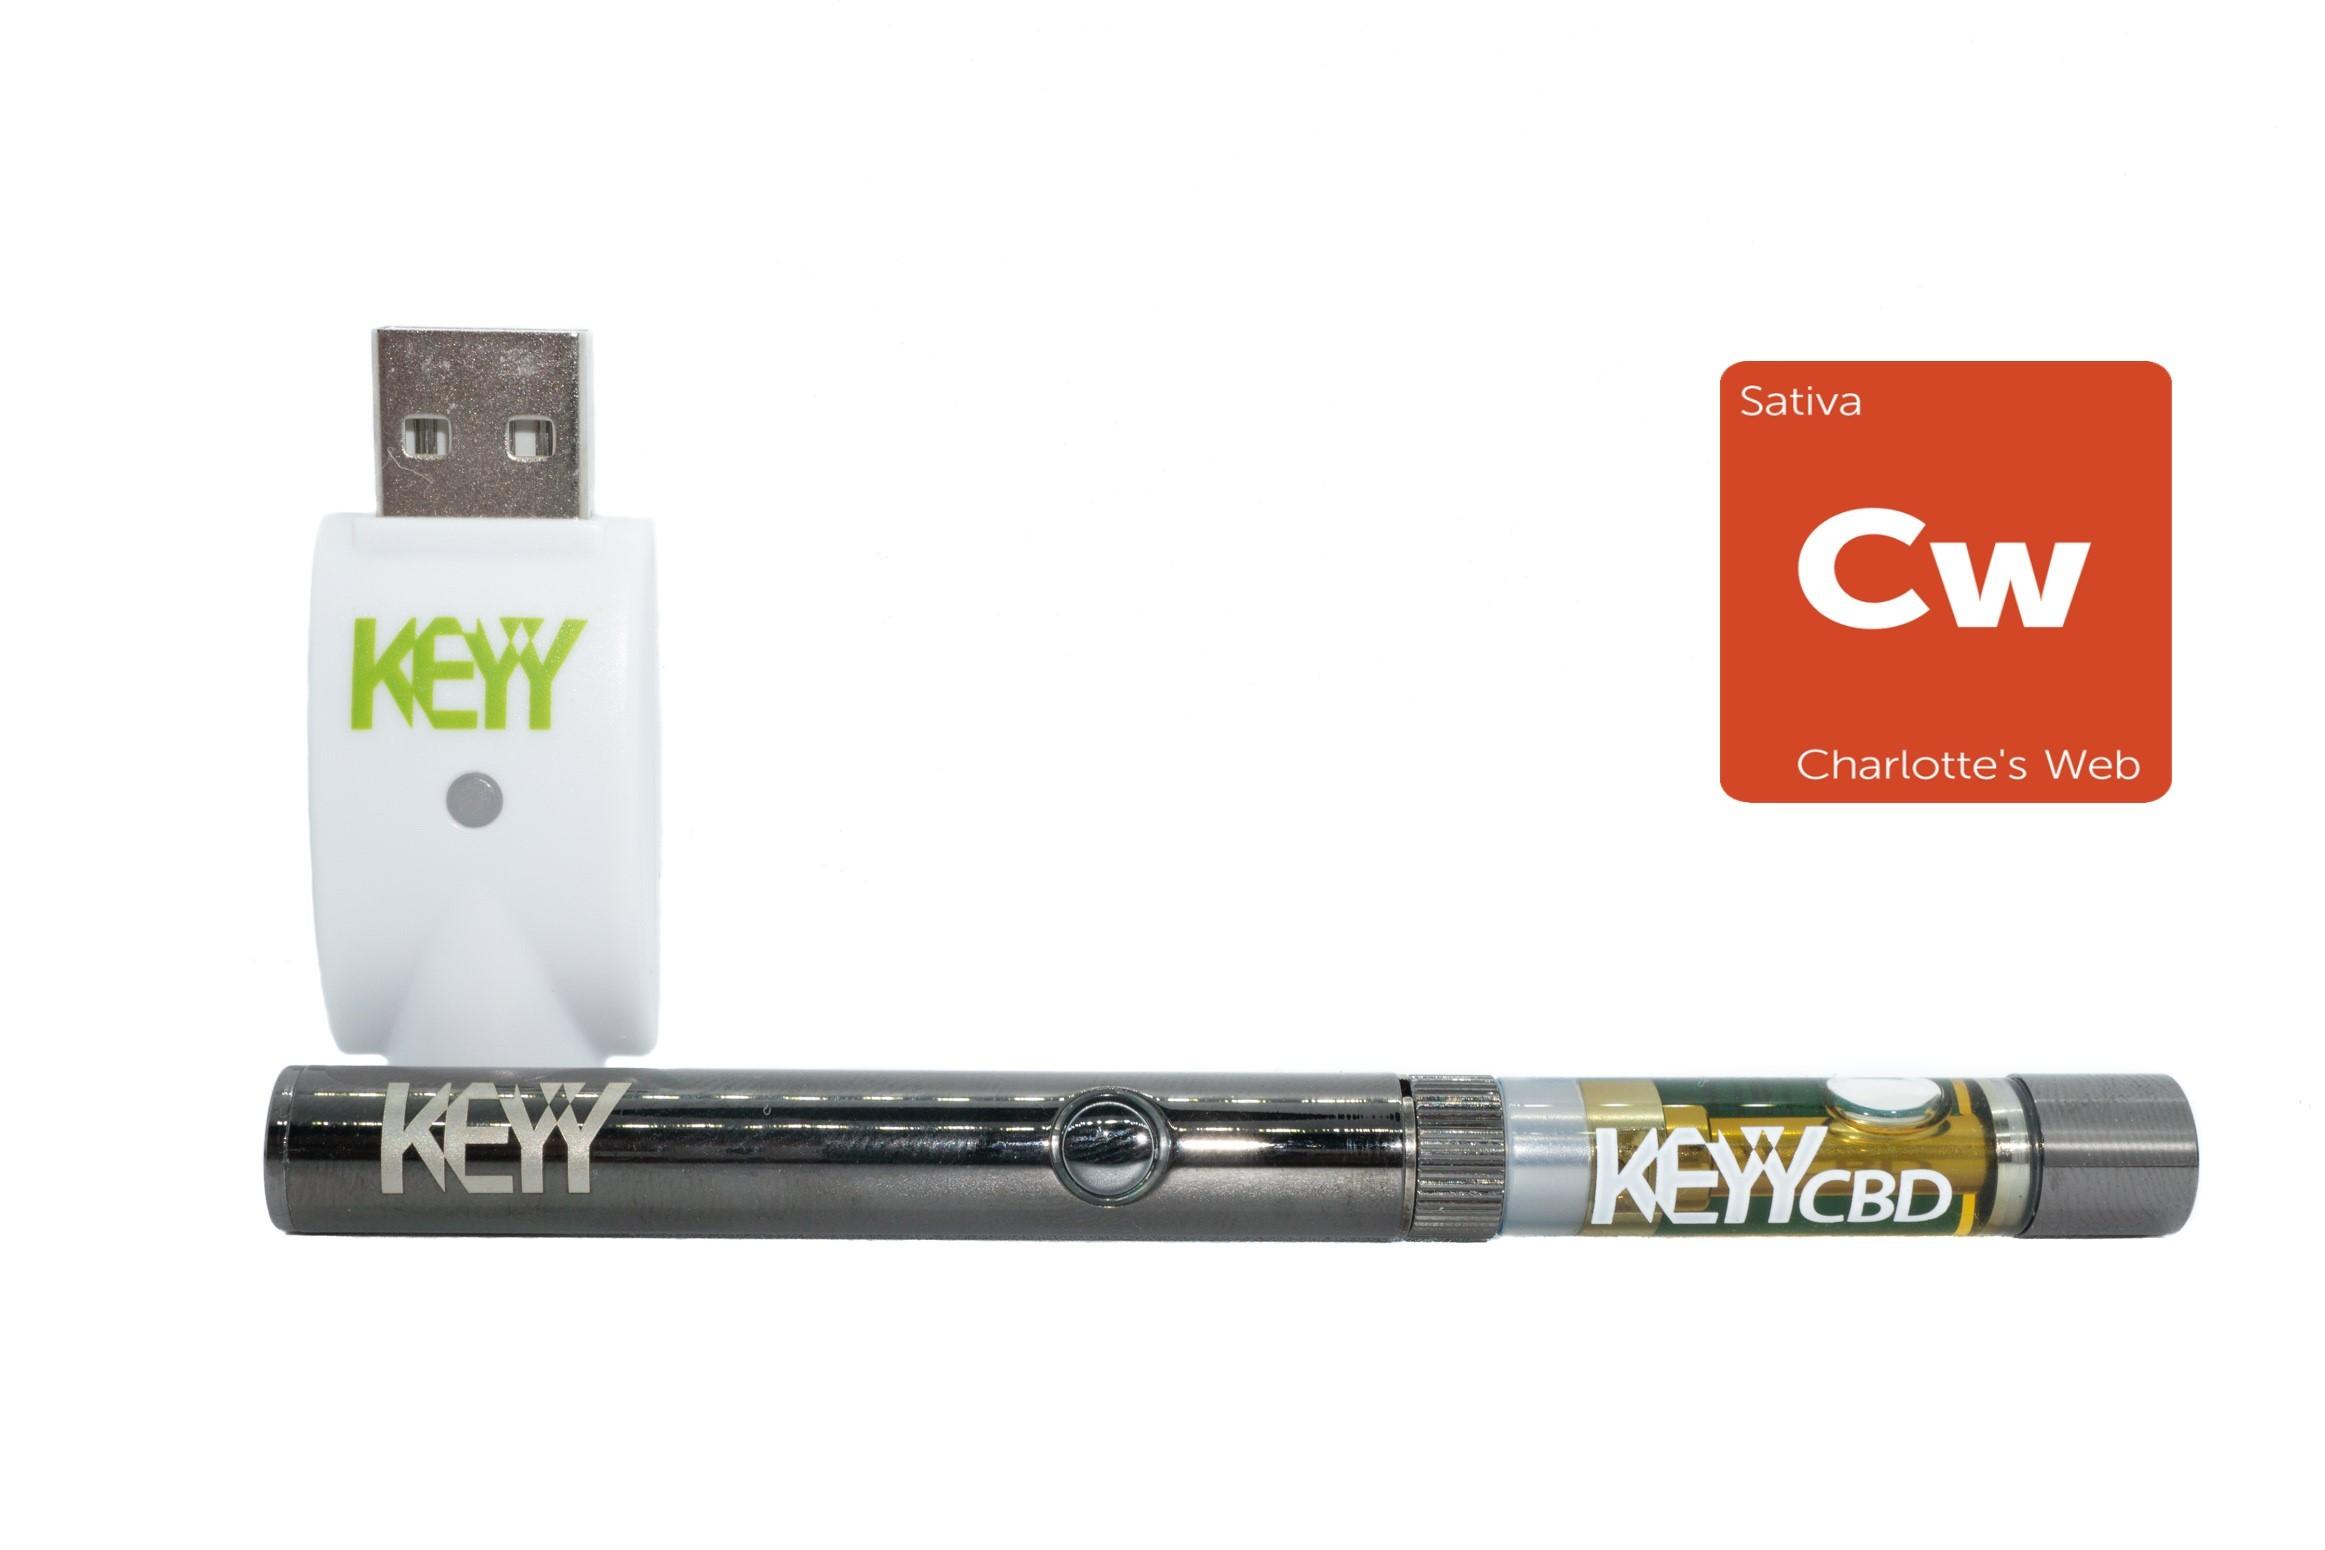 Charlotte's Web (8:1) CBD Vape Pen Kit by Keyy 01202